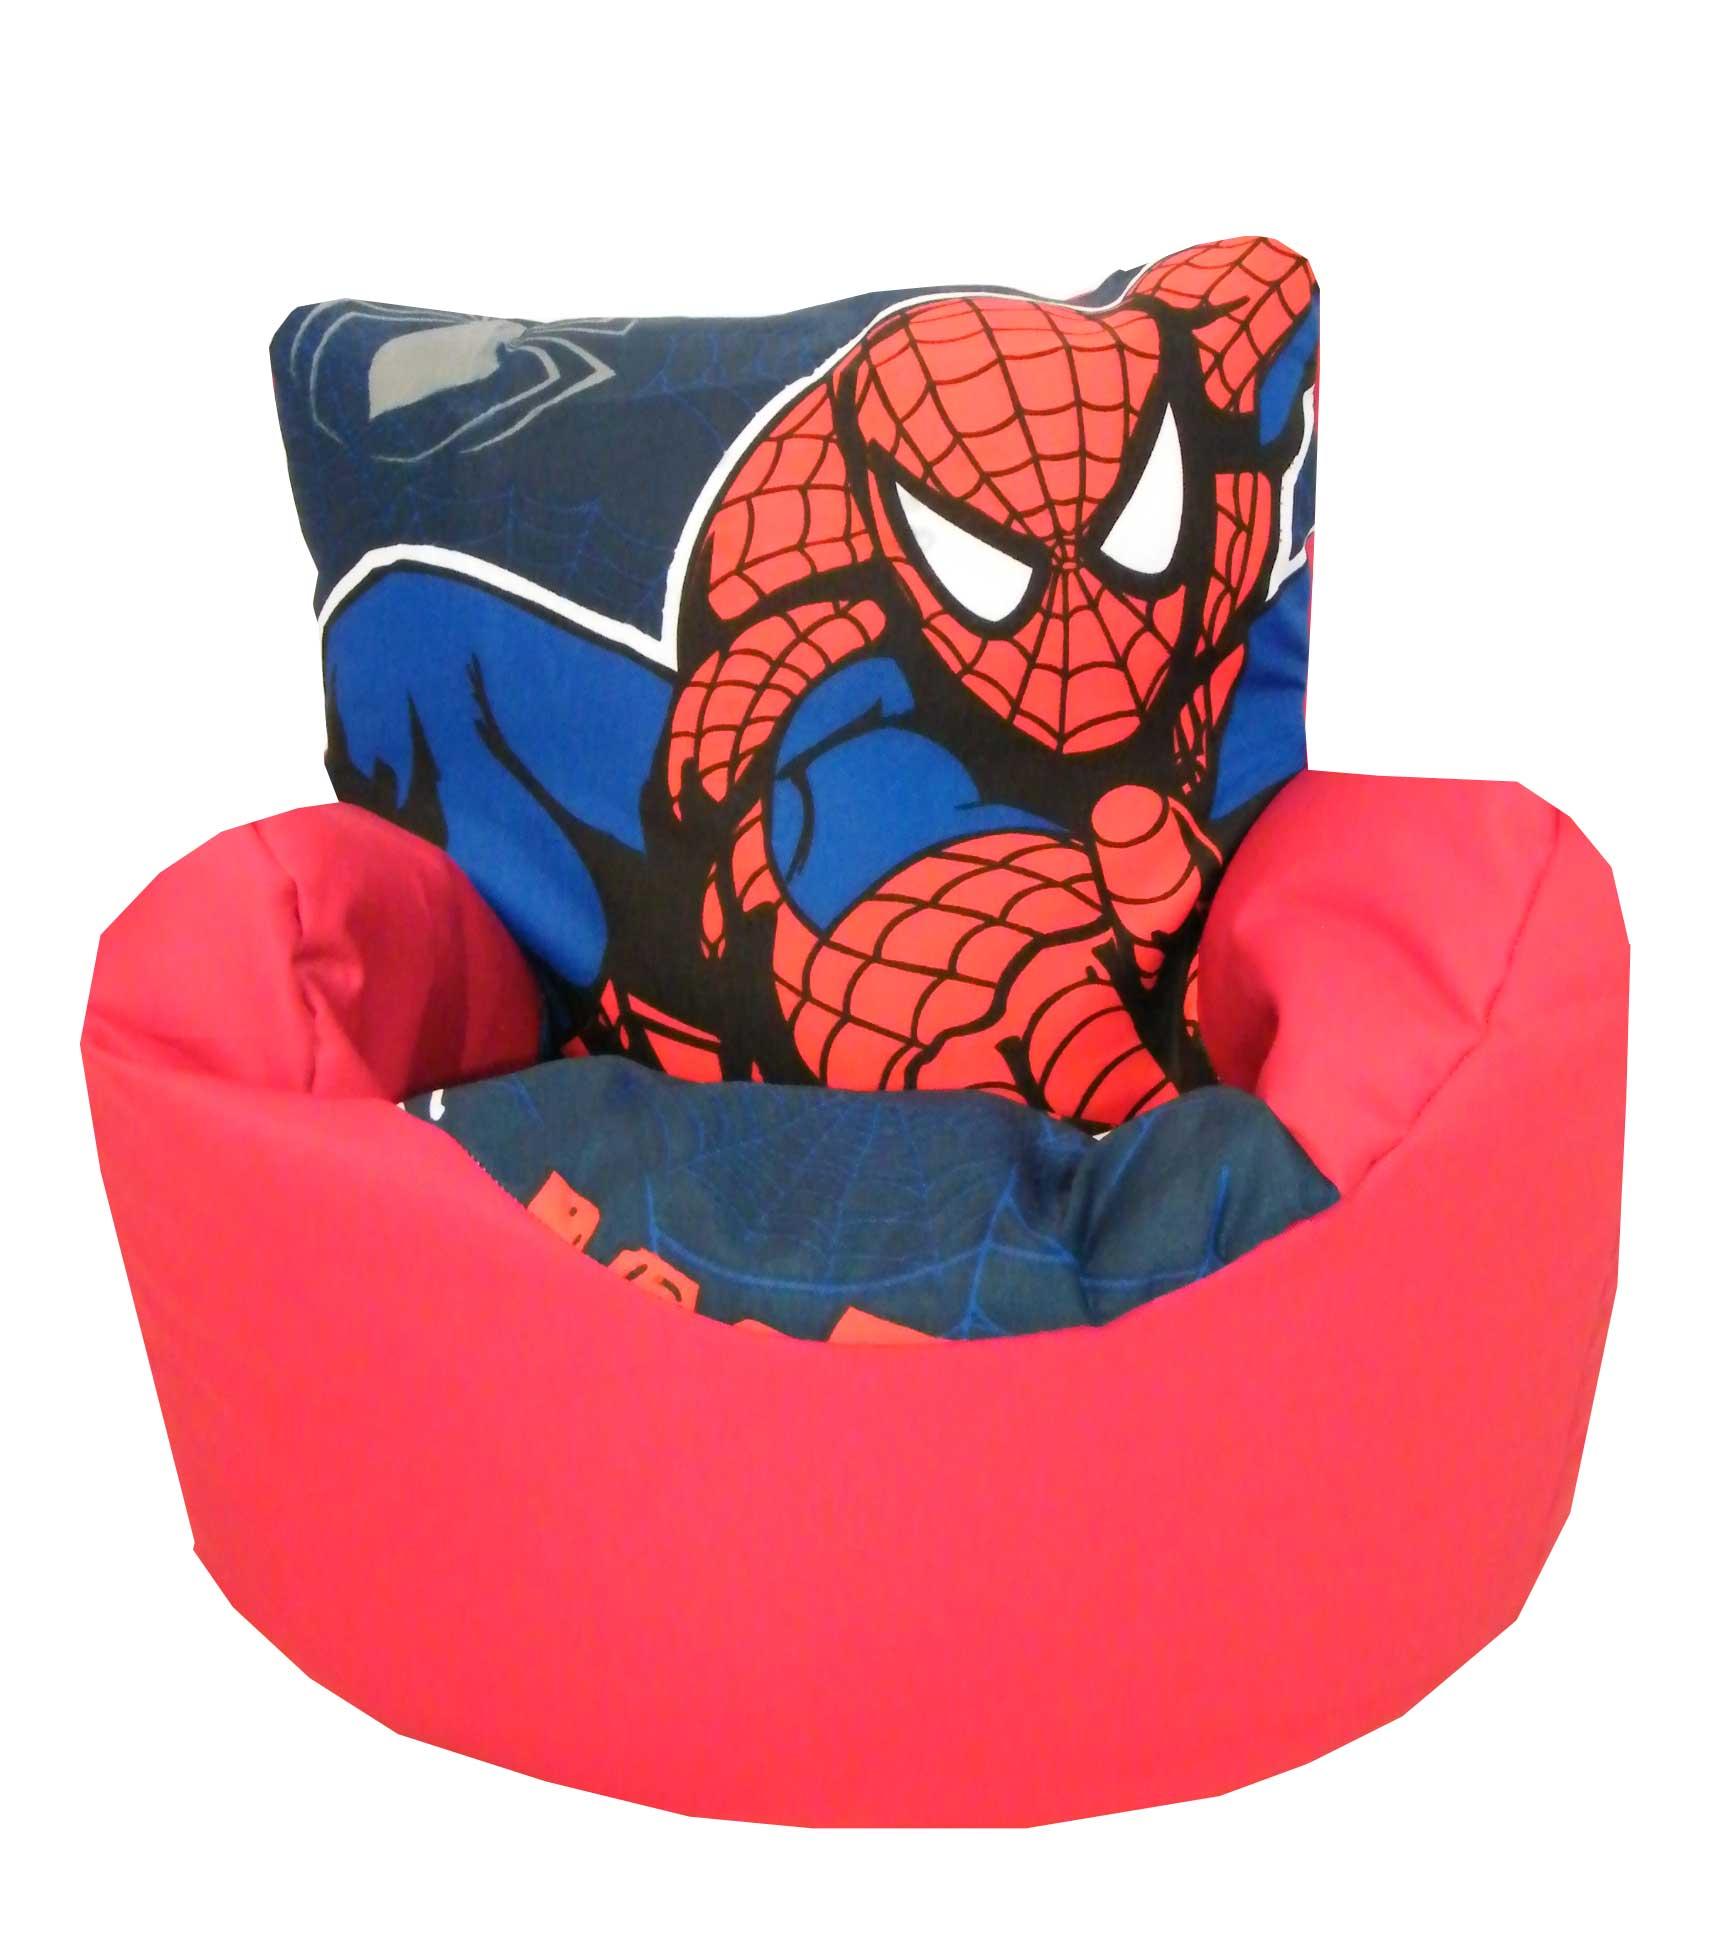 kids character chairs best office chair back support pillow children 39s tv disney design bean bag